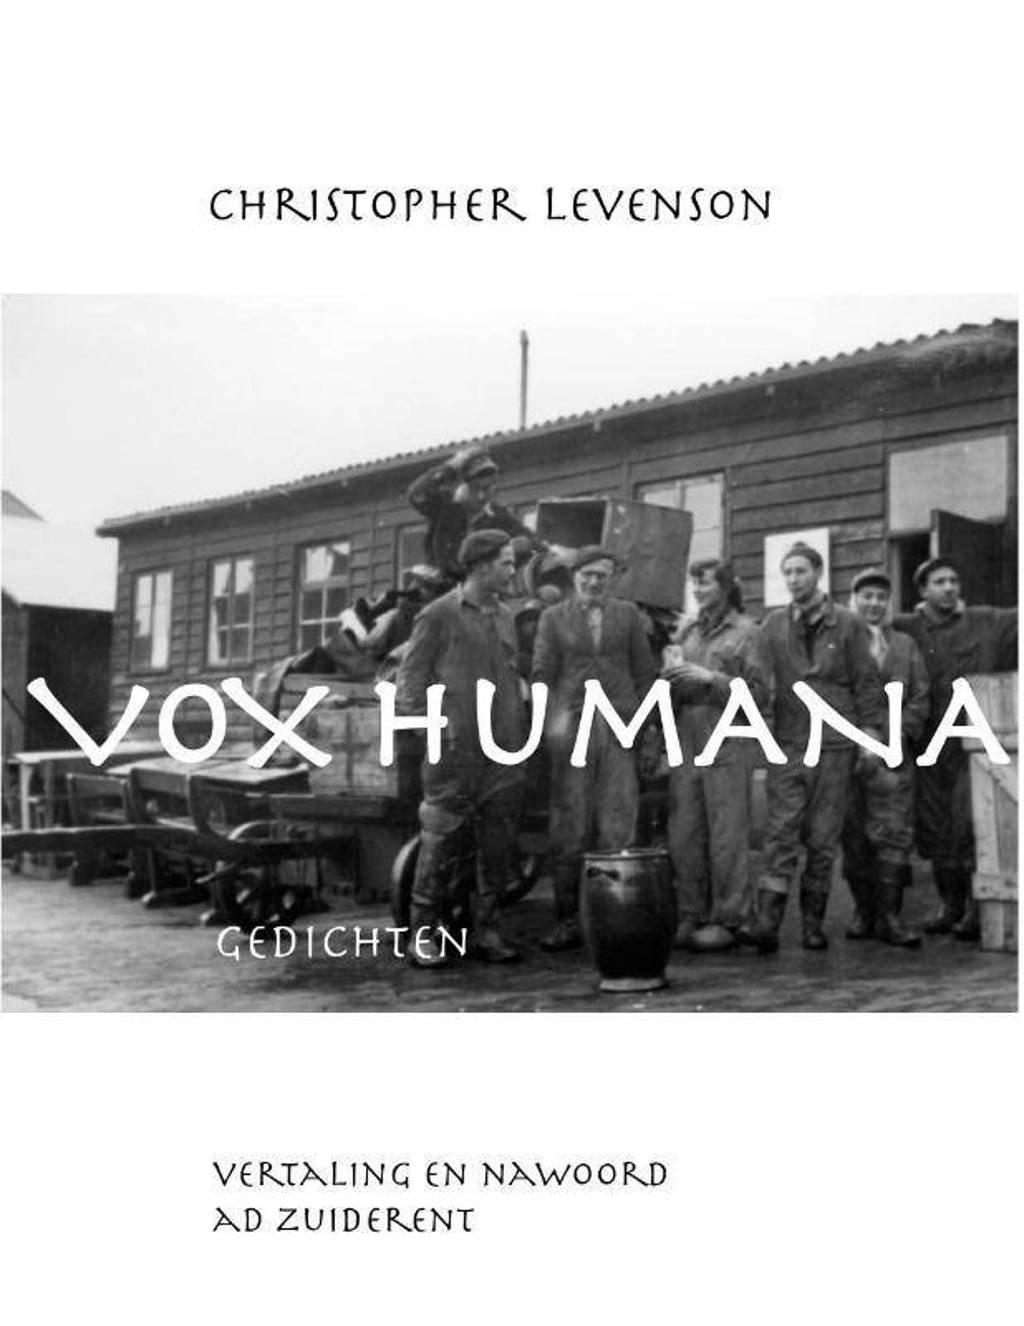 Vox Humana - Christopher Levenson